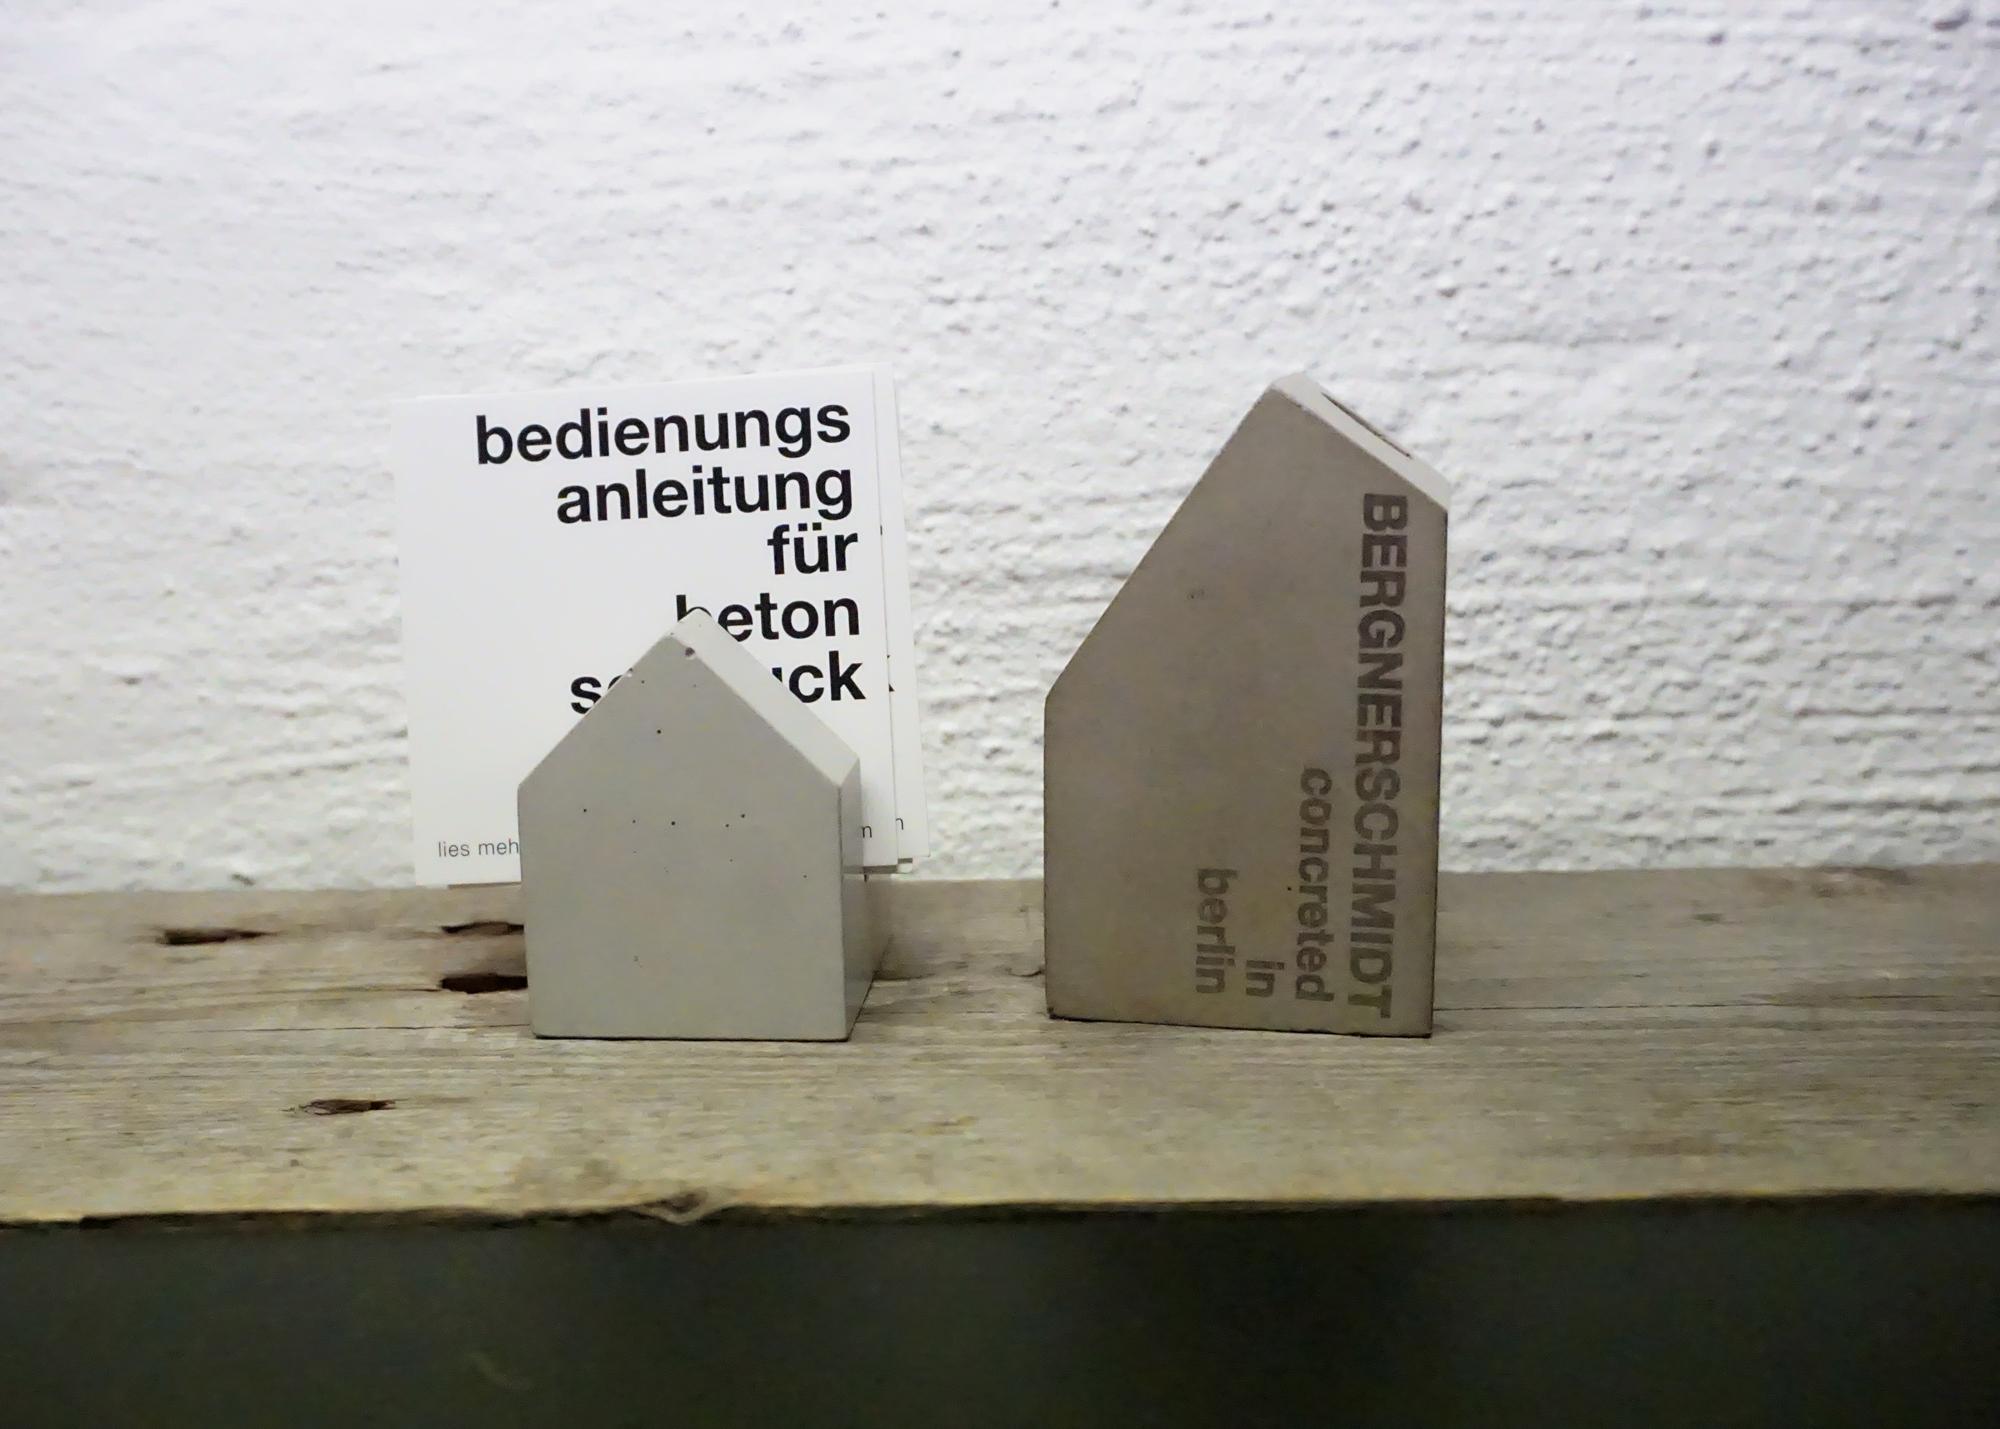 bergnerschmidt6